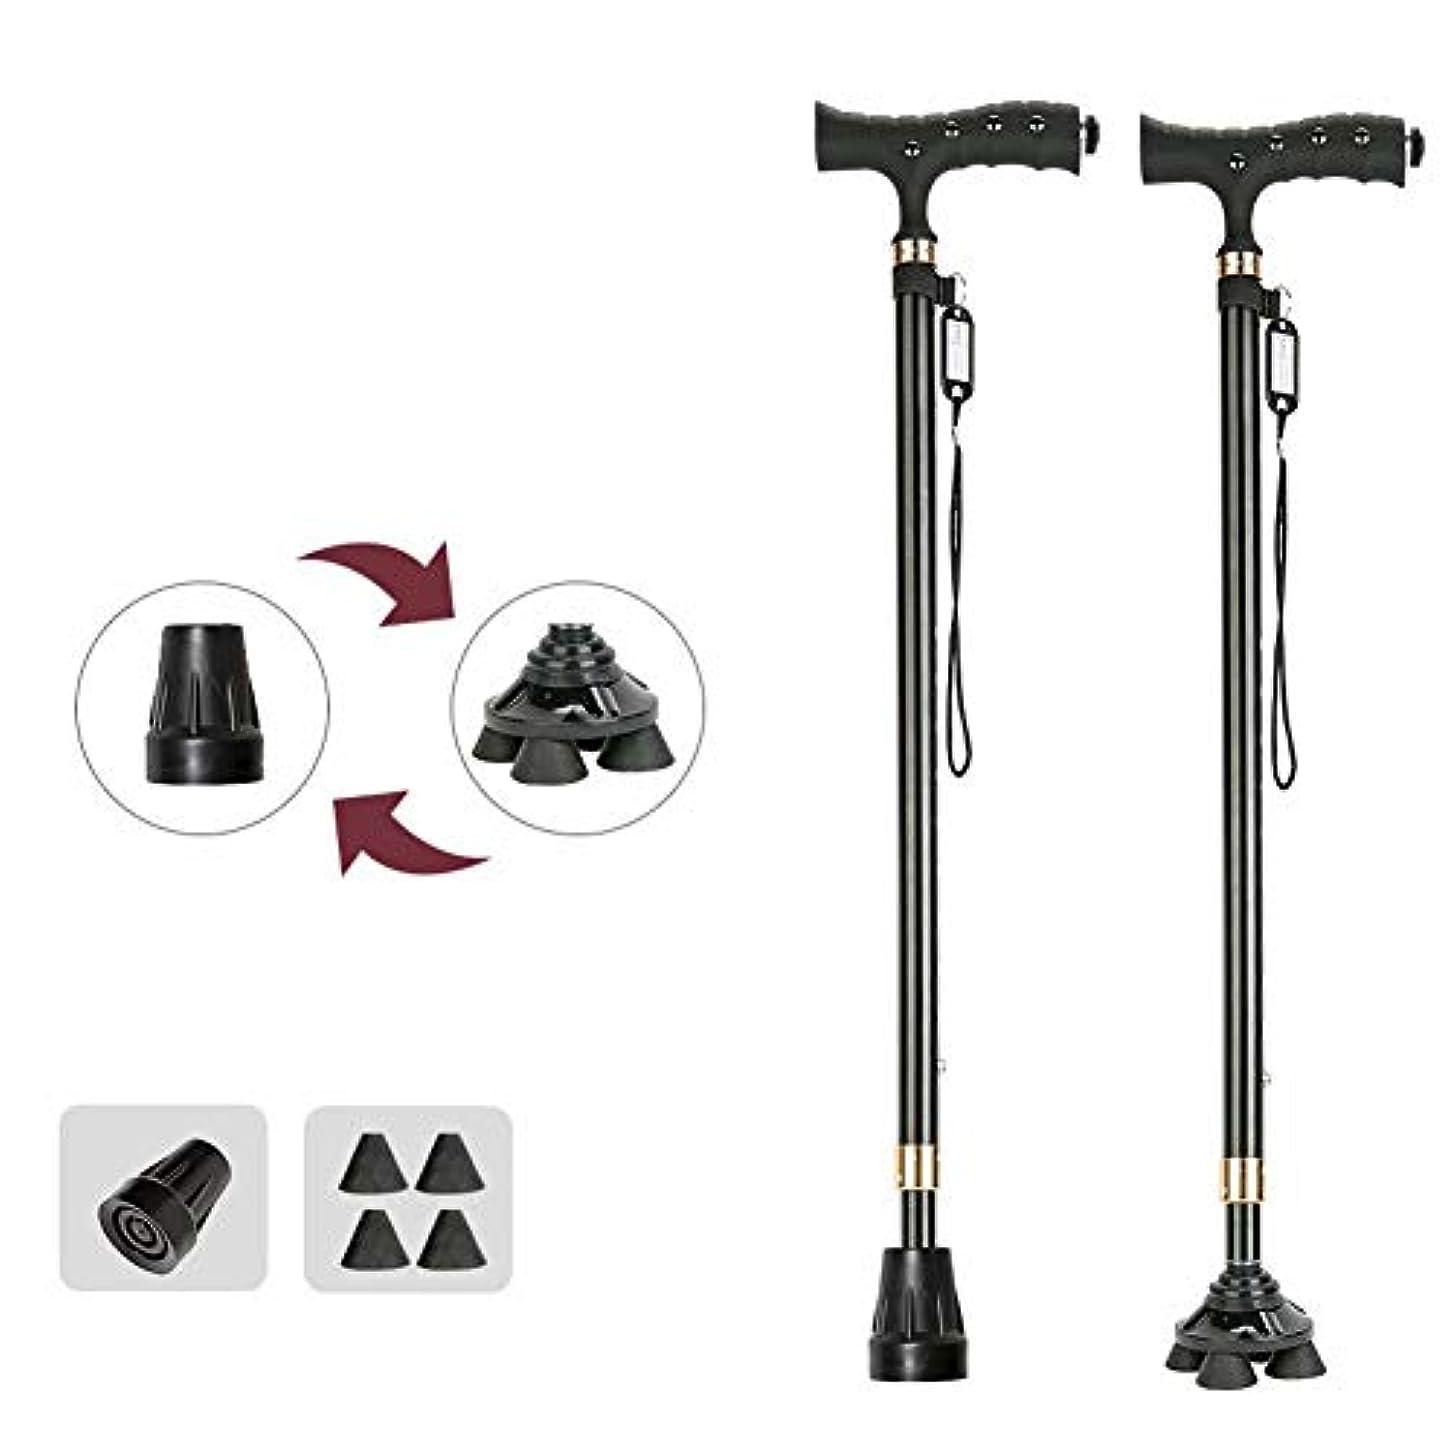 スモッグ必要火炎小さな4足の軽い杖、高さ調節可能な滑り止め杖、磁気滑り止め多機能伸縮松葉杖は高齢者に最高の贈り物を与える,A